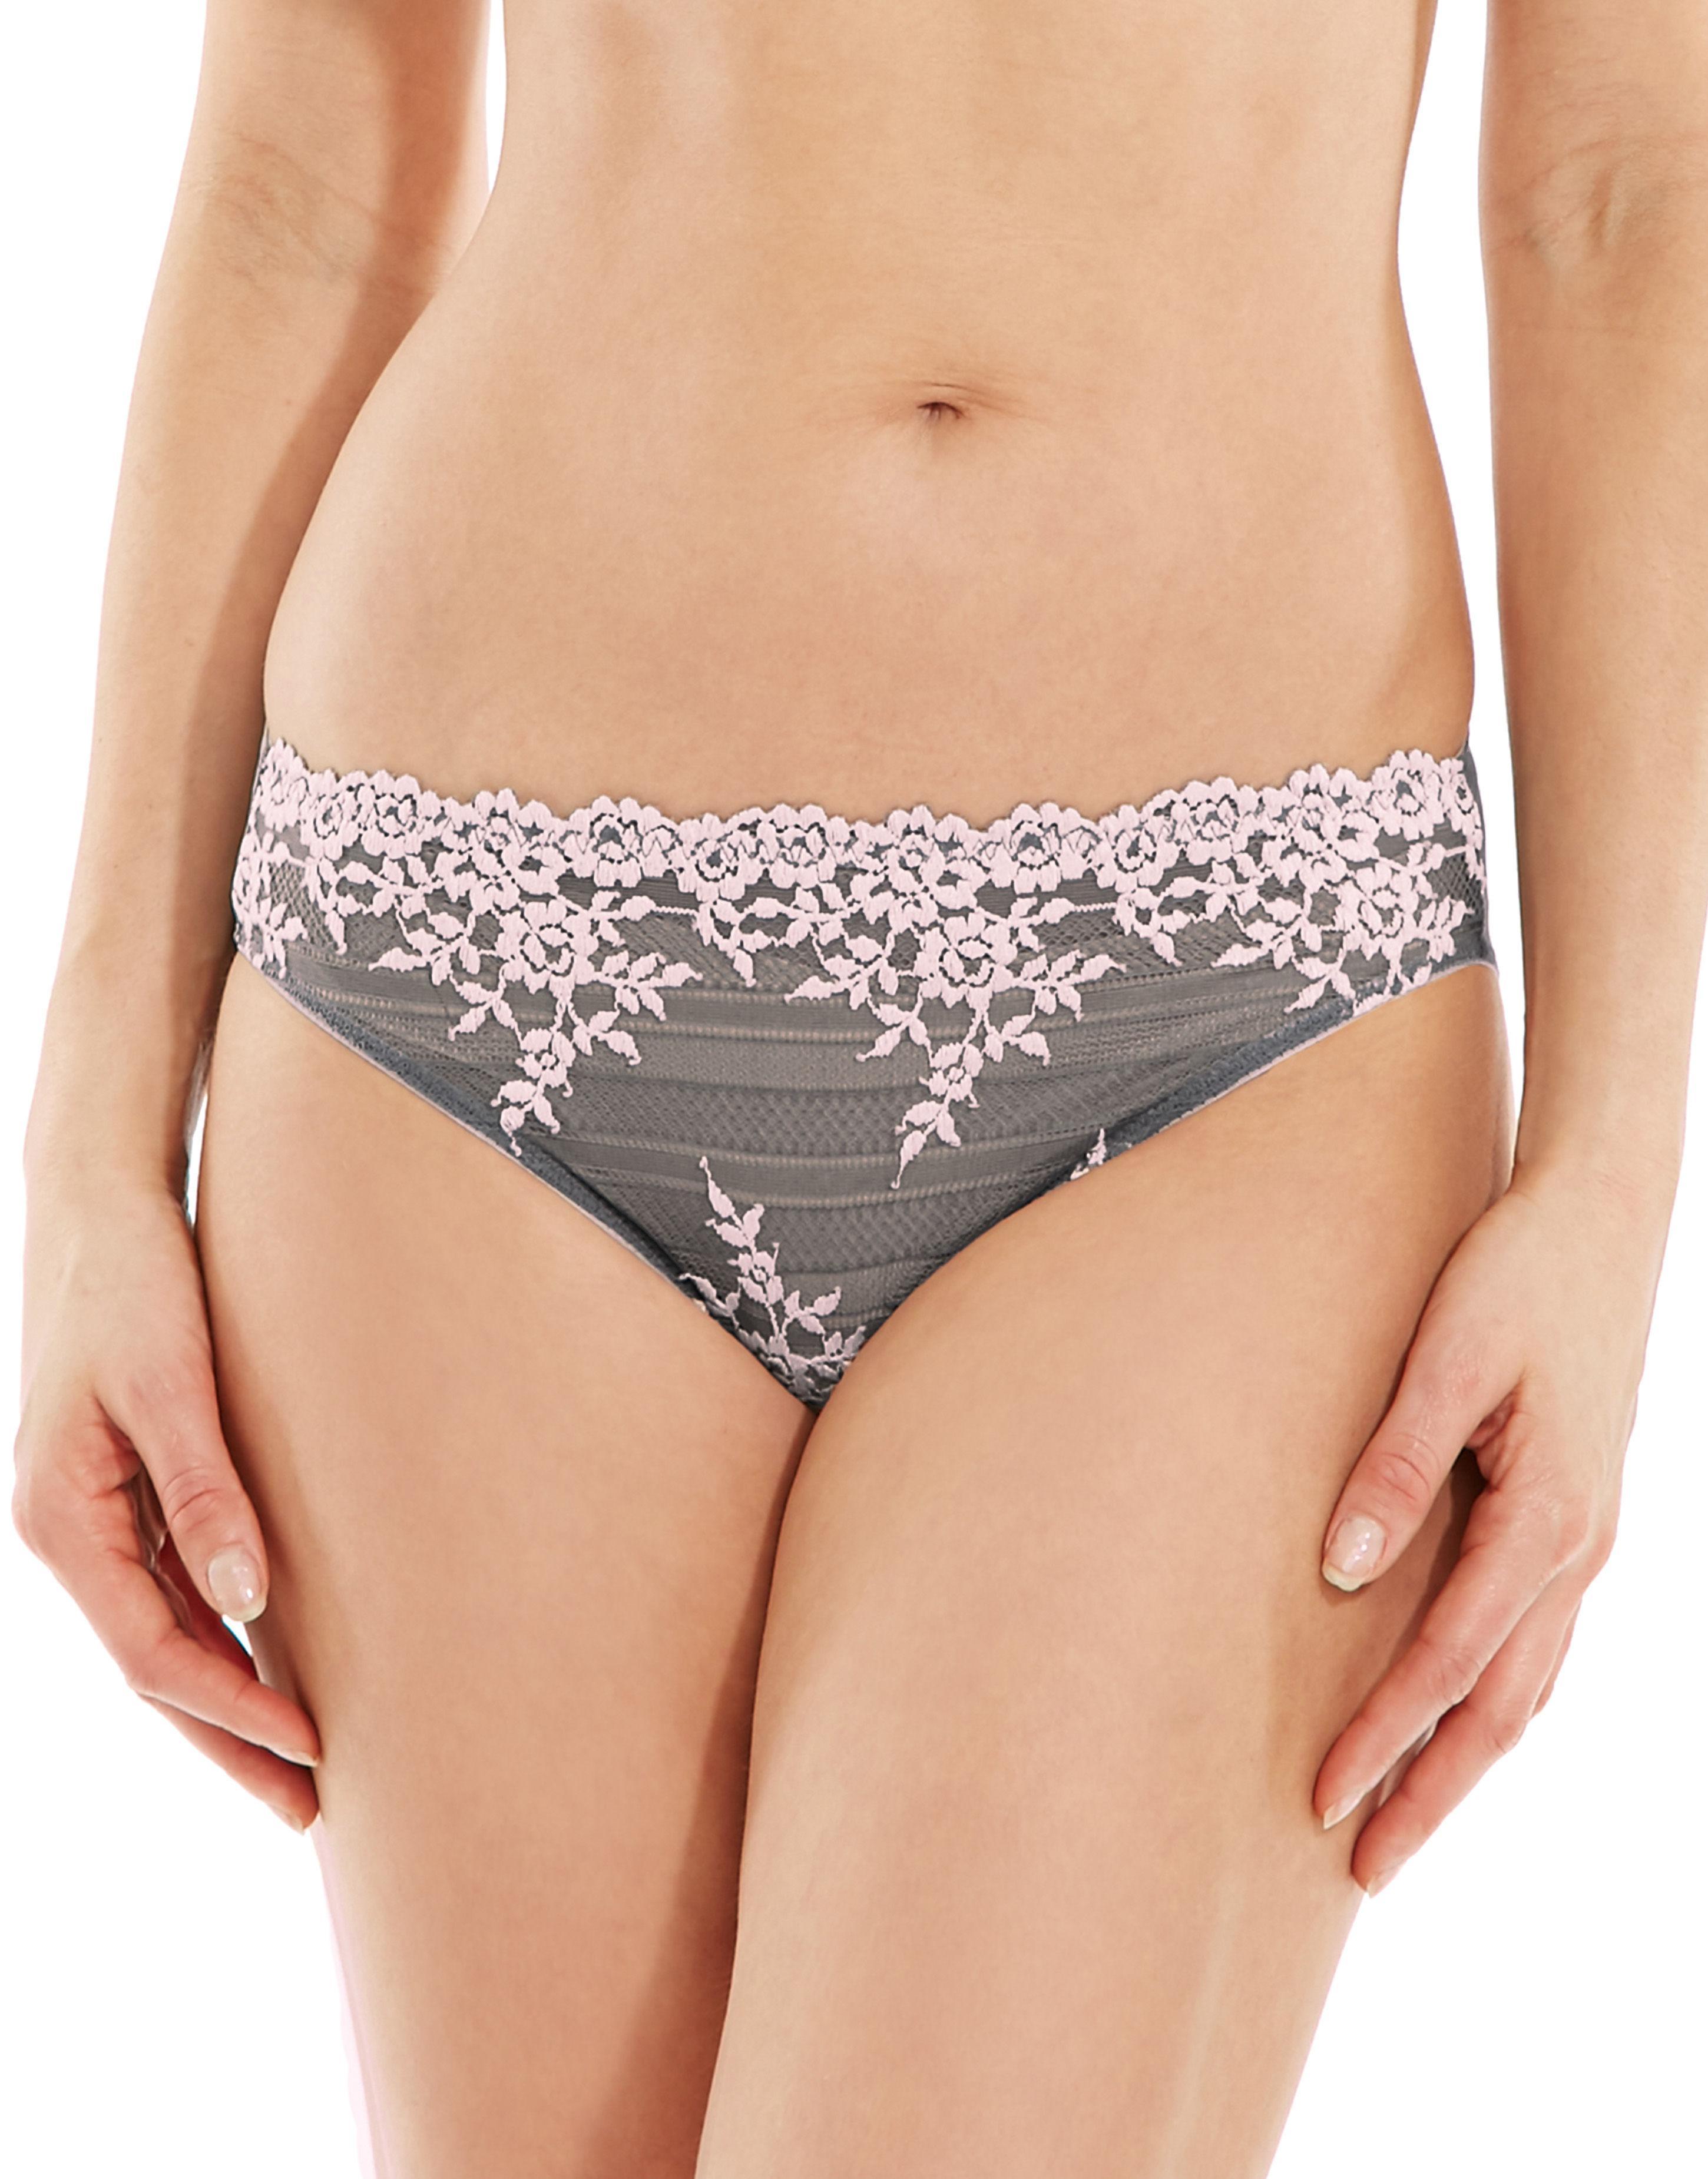 b13d12b6c3d6e Wacoal Embrace Lace Bikini Brief in Gray - Lyst